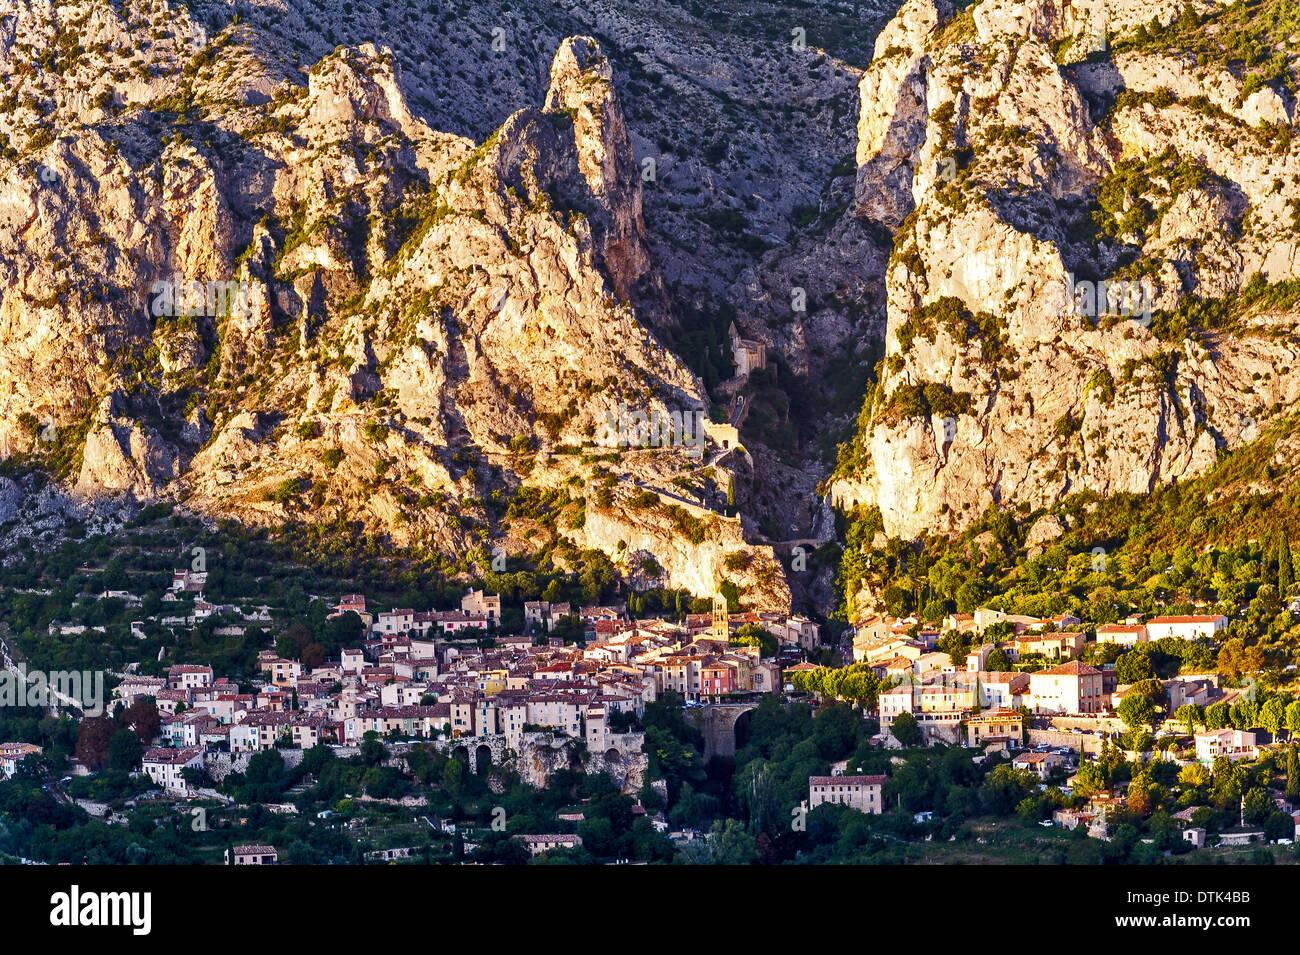 Europe, France, Alpes-de-Haute-Provence, Regional Natural Park of Verdon. Moustiers-Sainte-Marie. Stock Photo